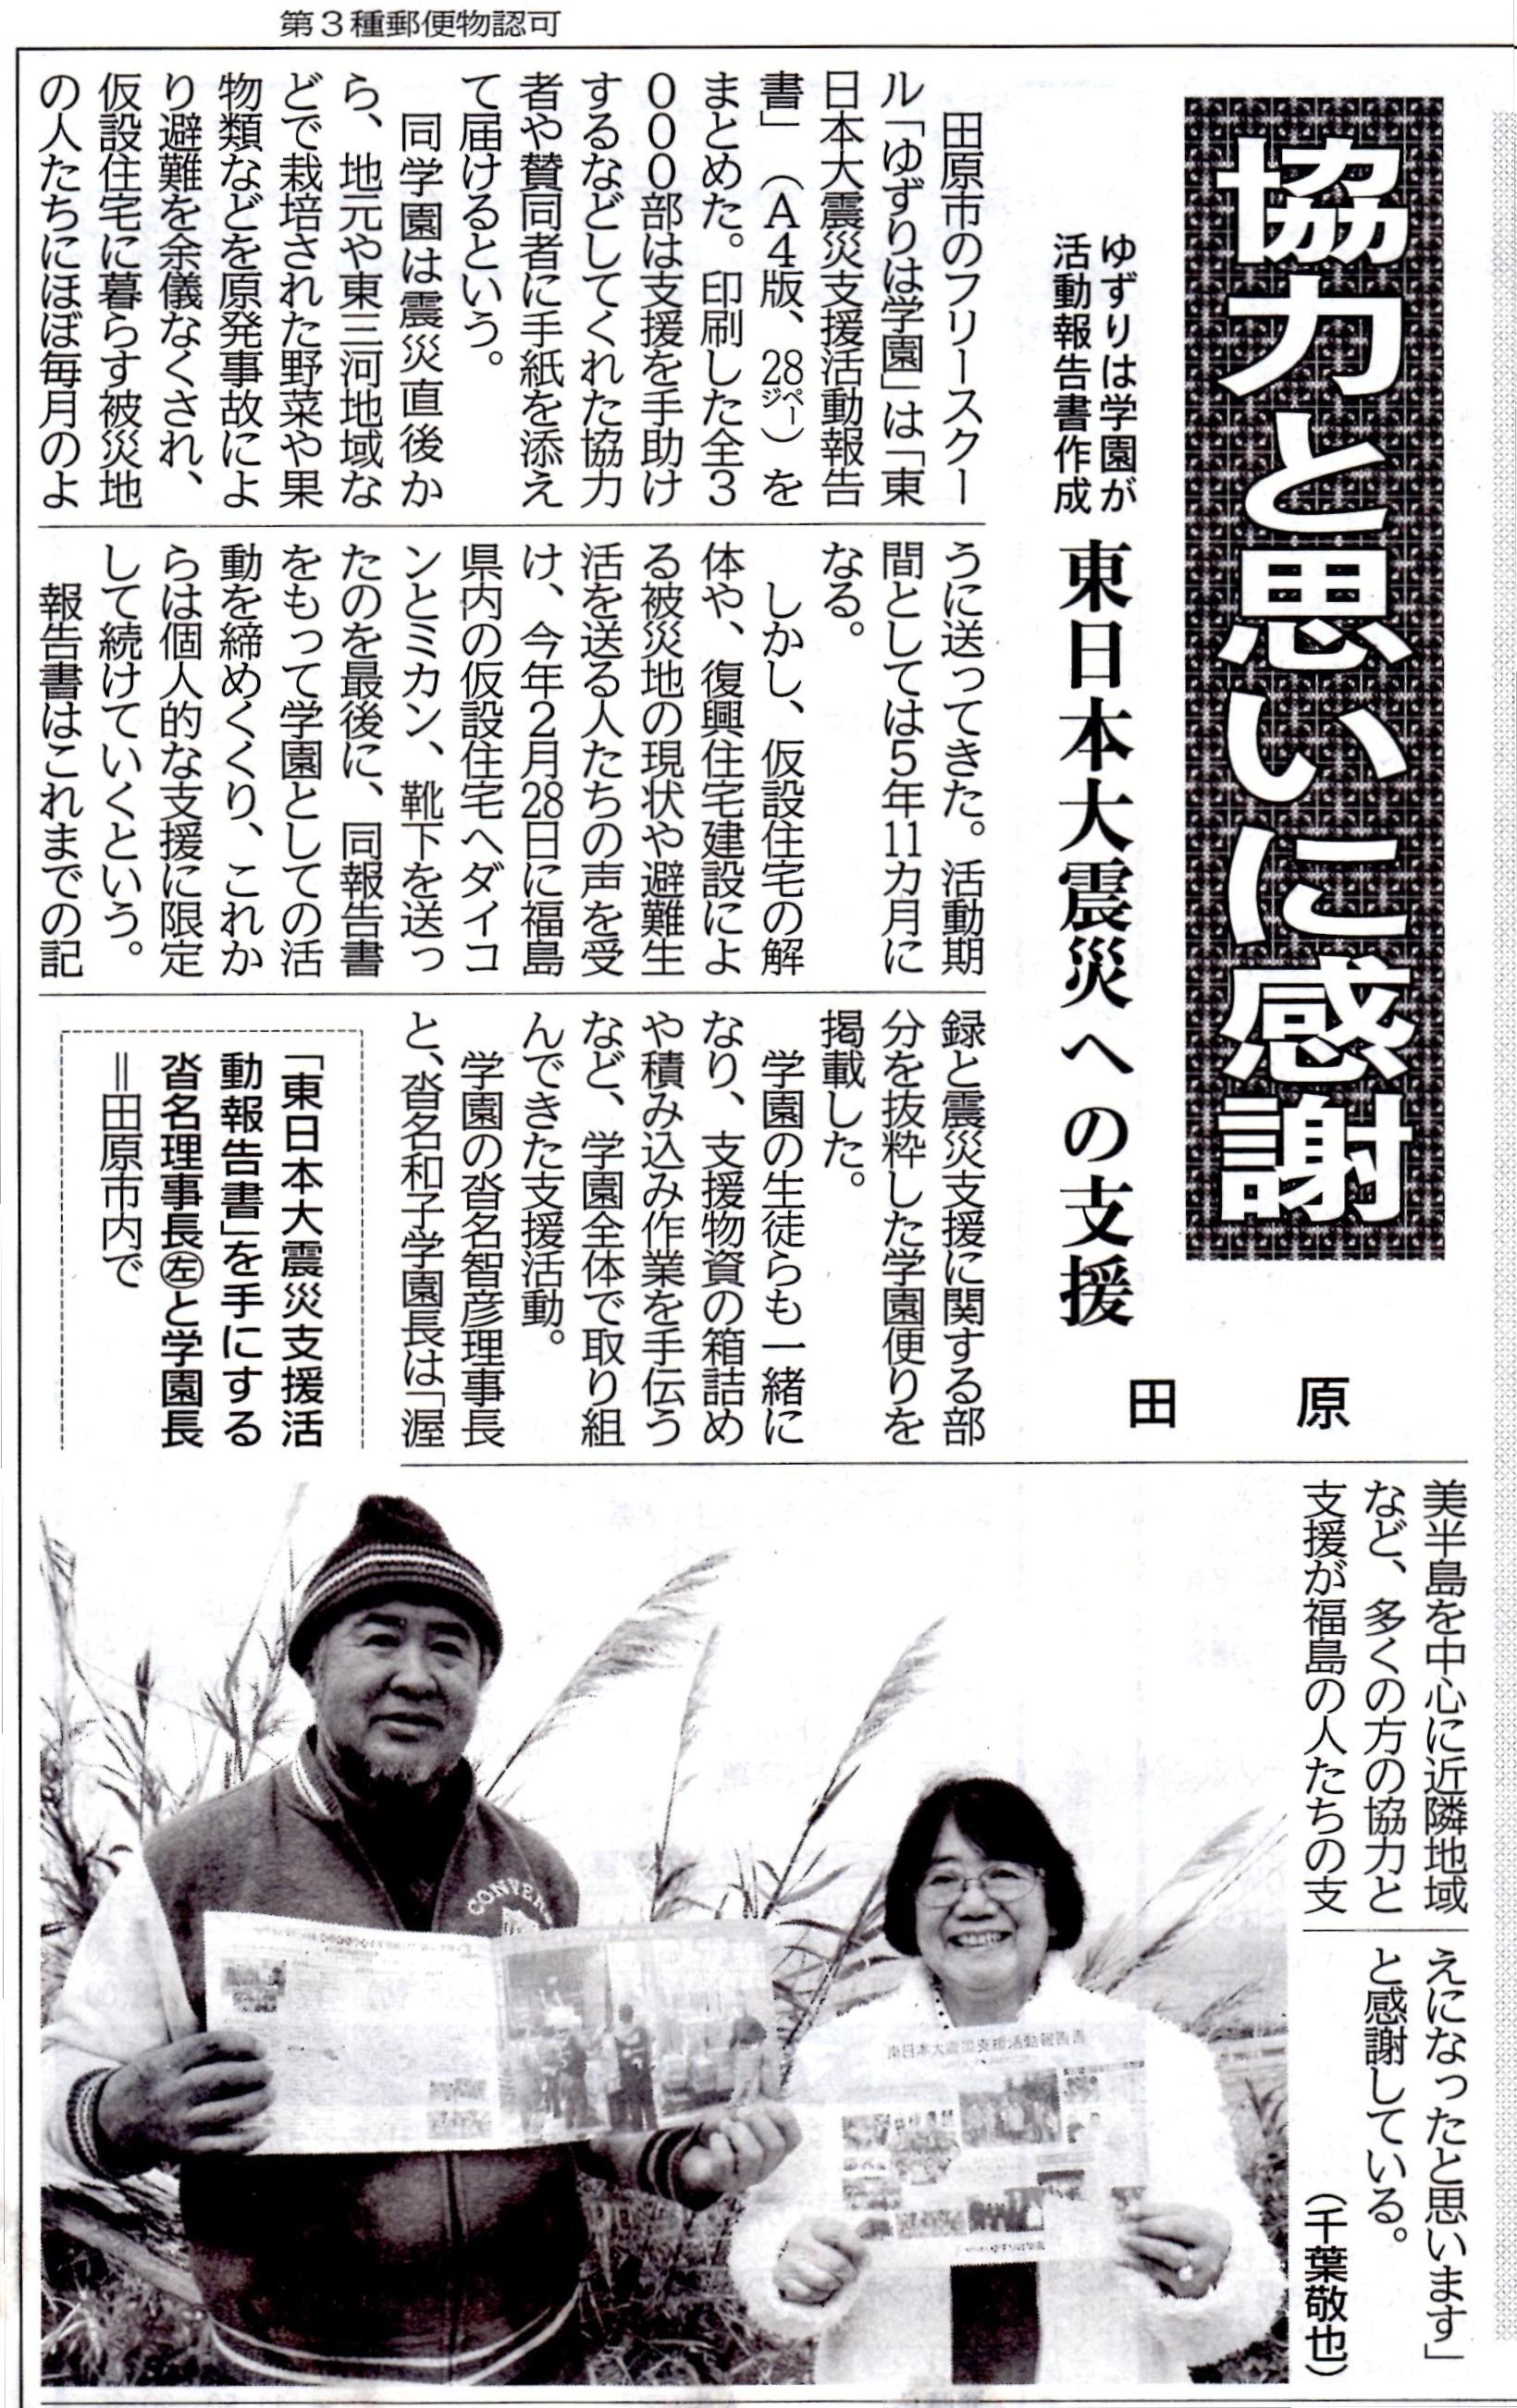 052_東日新聞掲載「協力と思いに感謝」